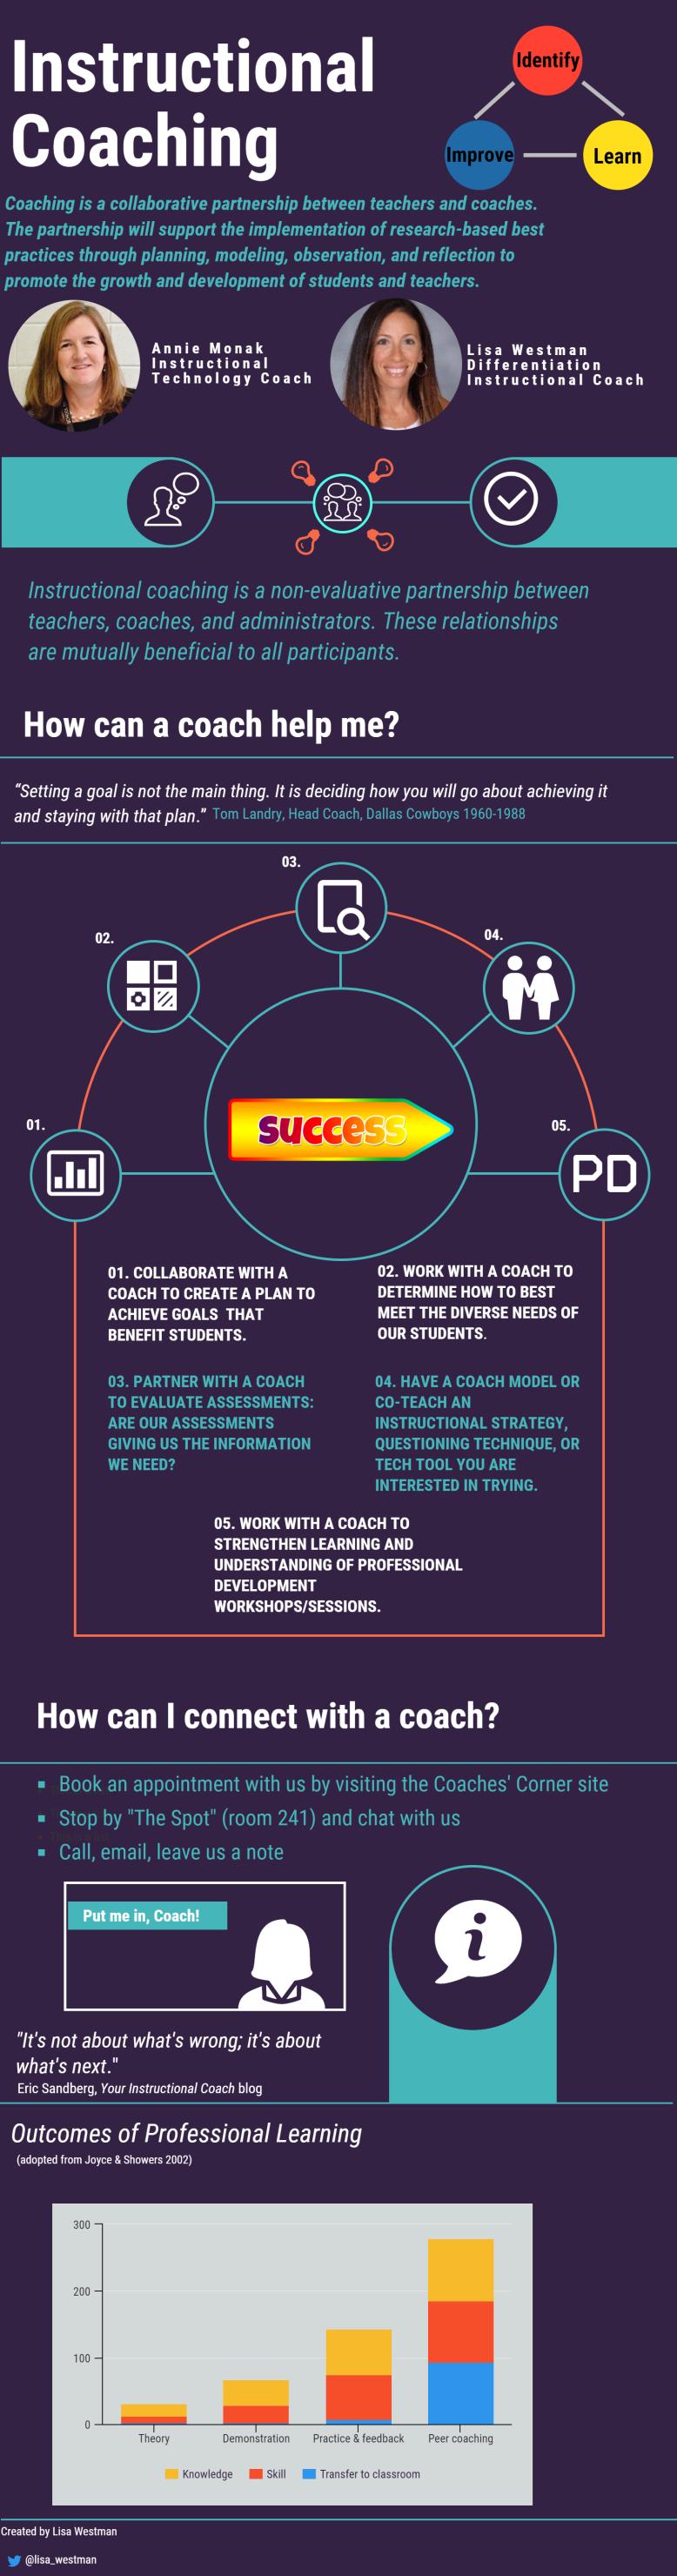 mccracken-ic-infographic